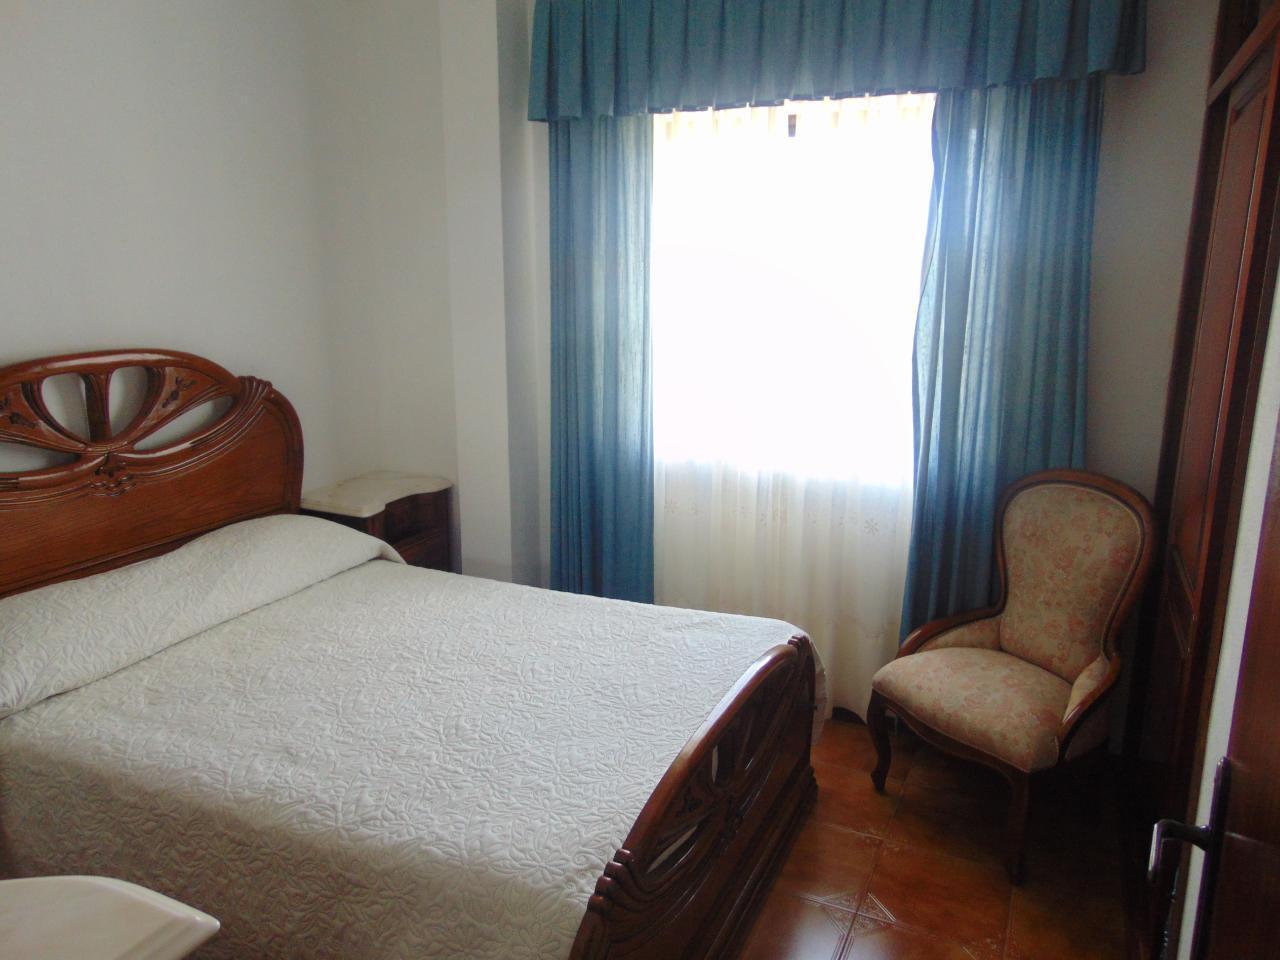 Ferienwohnung Casa da Sogra -  Haus im 1. Stock mit 3 Schlafzimmern und direktem Zugang von außen (2008671), Fajãzinha, Flores, Azoren, Portugal, Bild 9